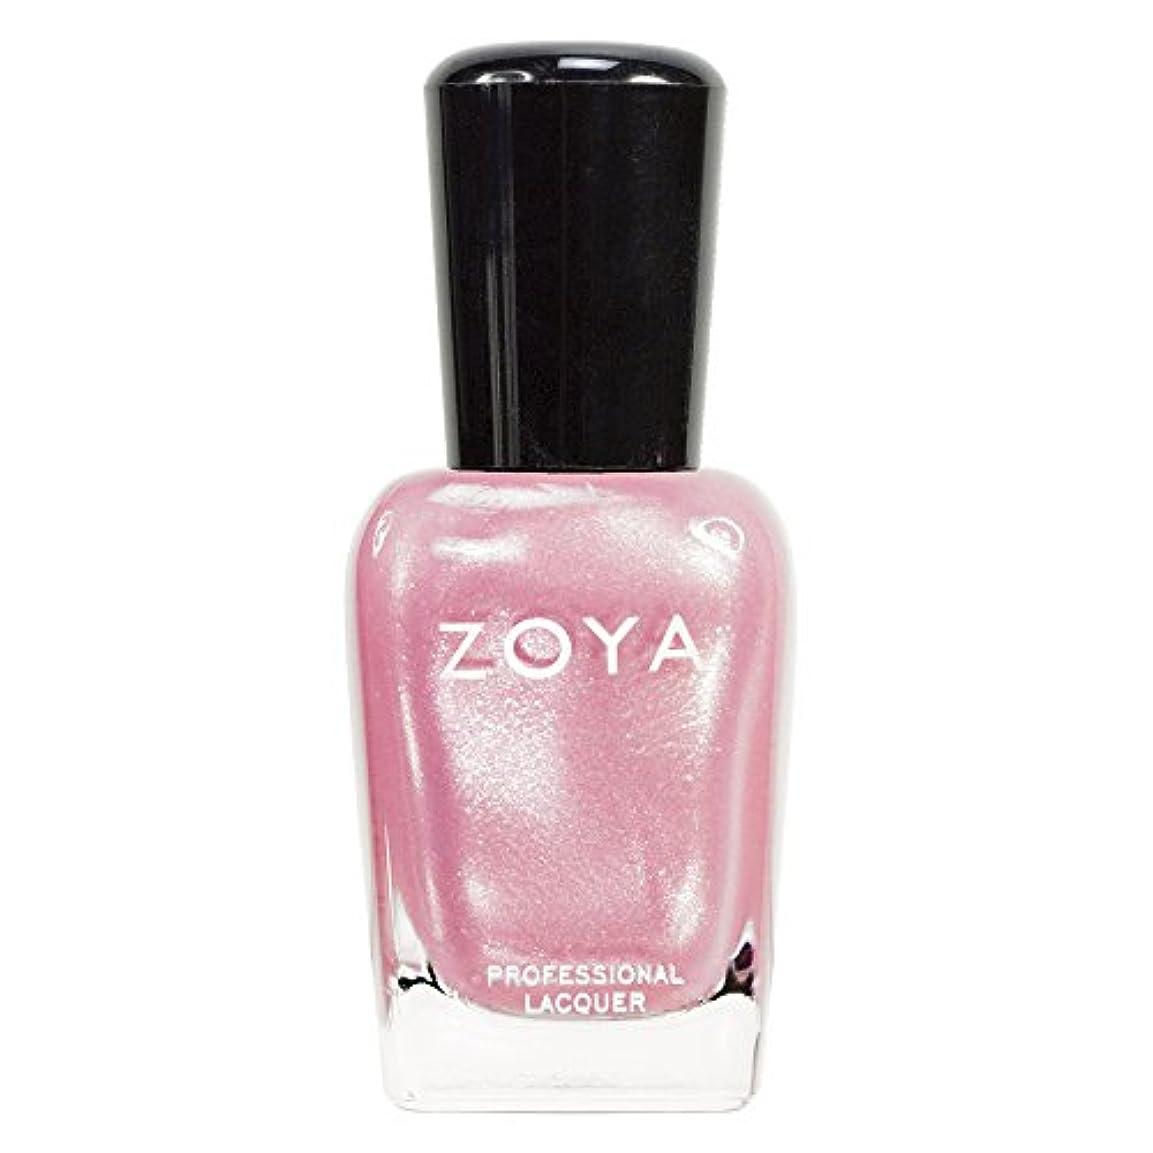 時制労働ZOYA ゾーヤ ネイルカラーZP261 BEBE ベイブ 15ml フェミニンなピンク シアー?パール/メタリック 爪にやさしいネイルラッカーポリッシュ